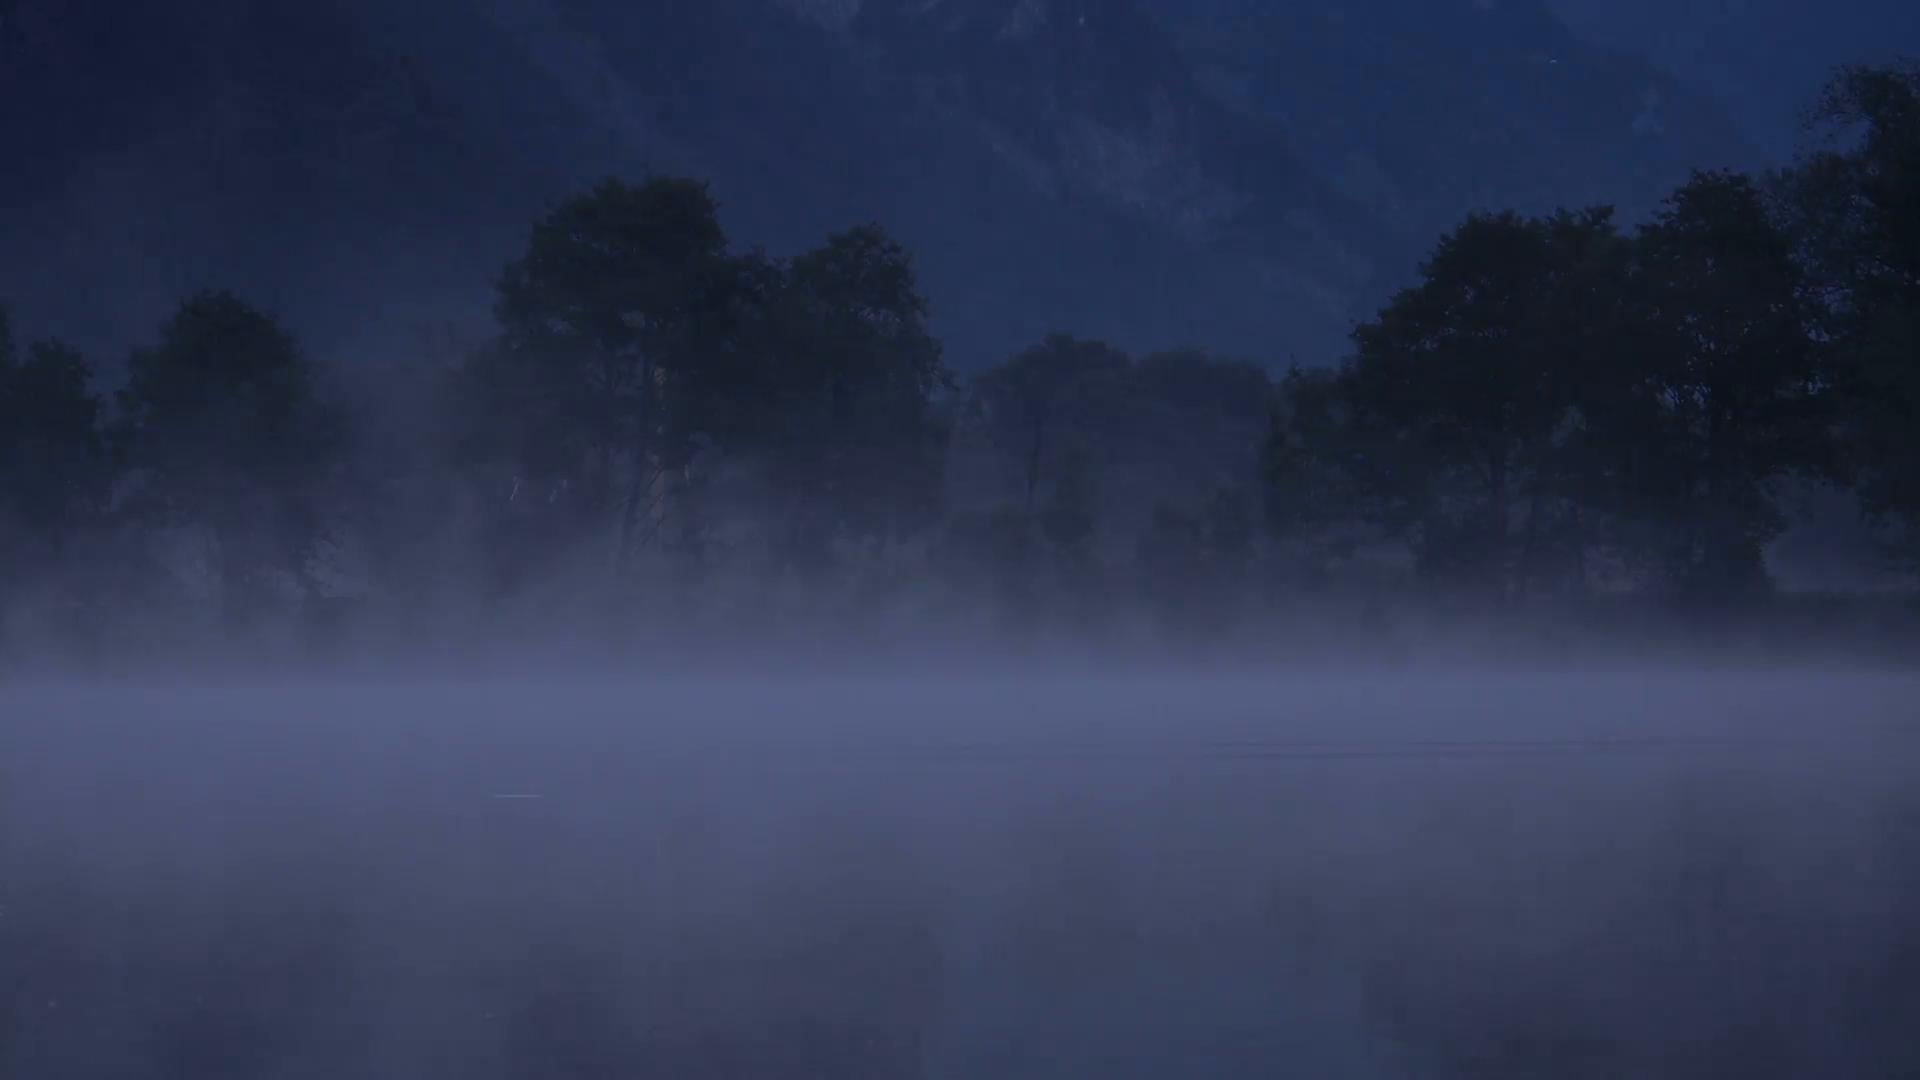 Night lake scene photo